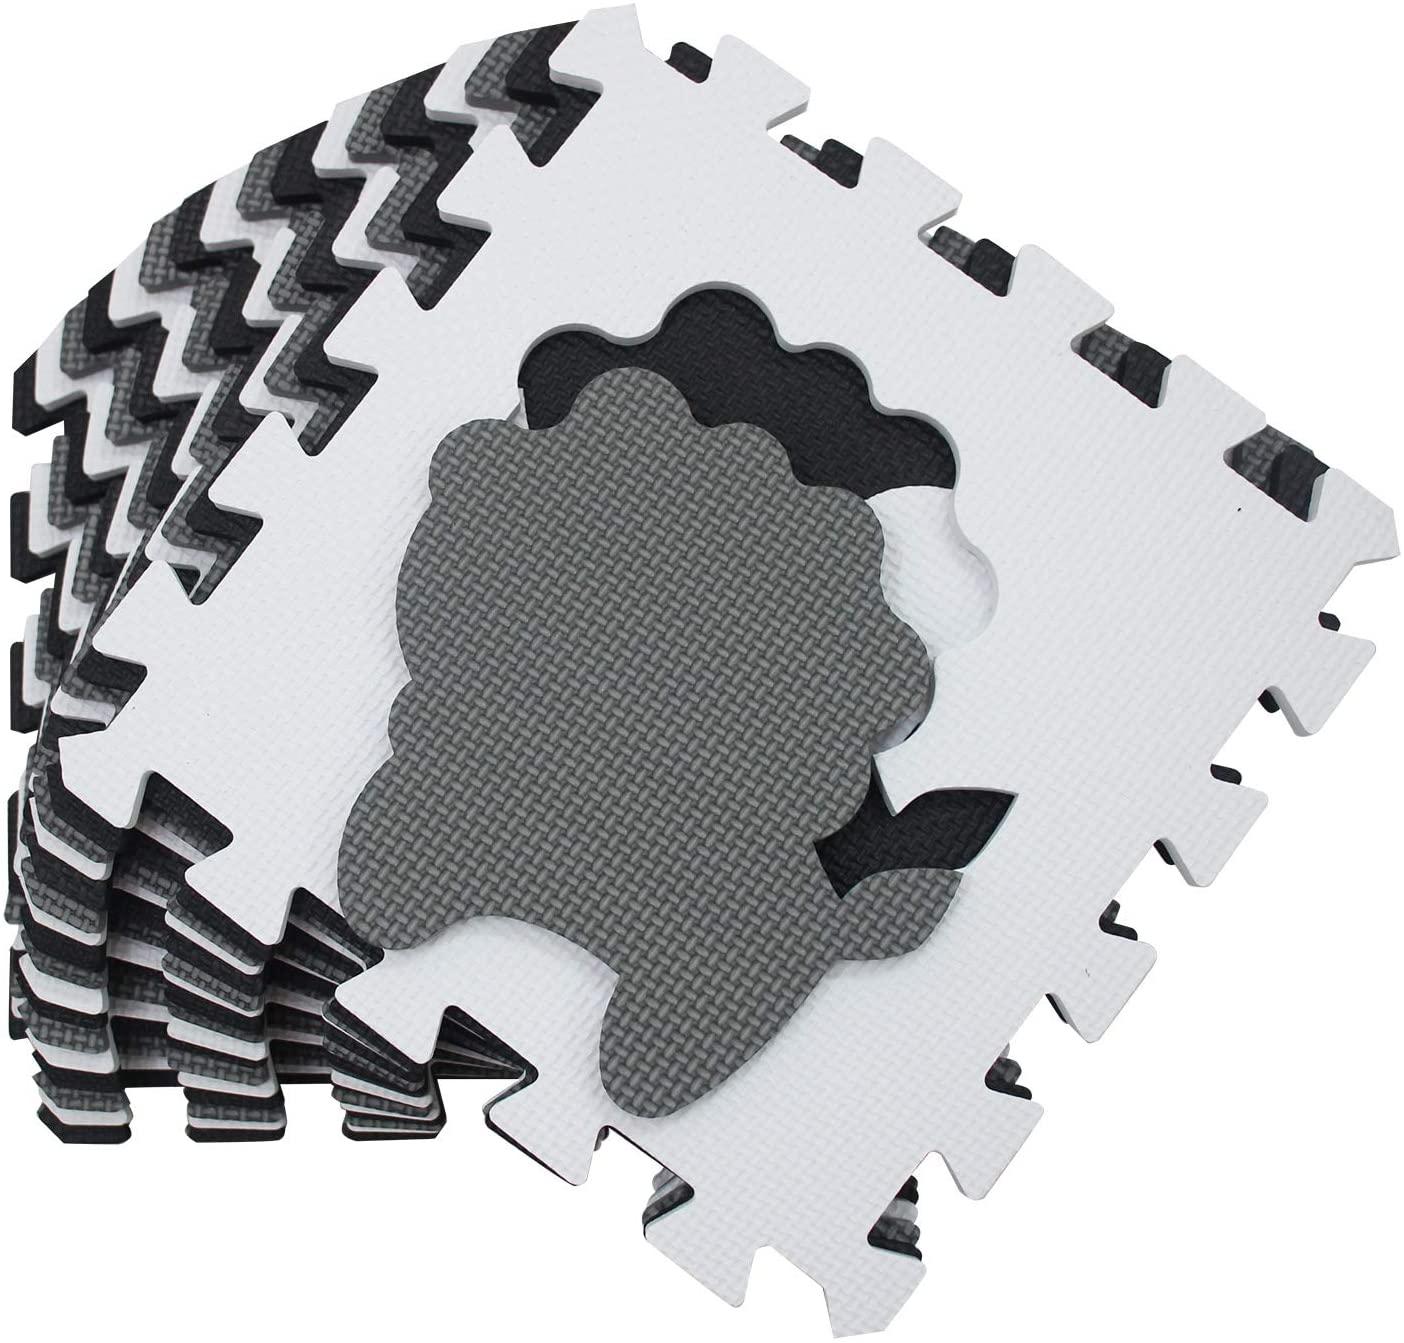 Alfombra puzzle 18 piezas solo 11.6€